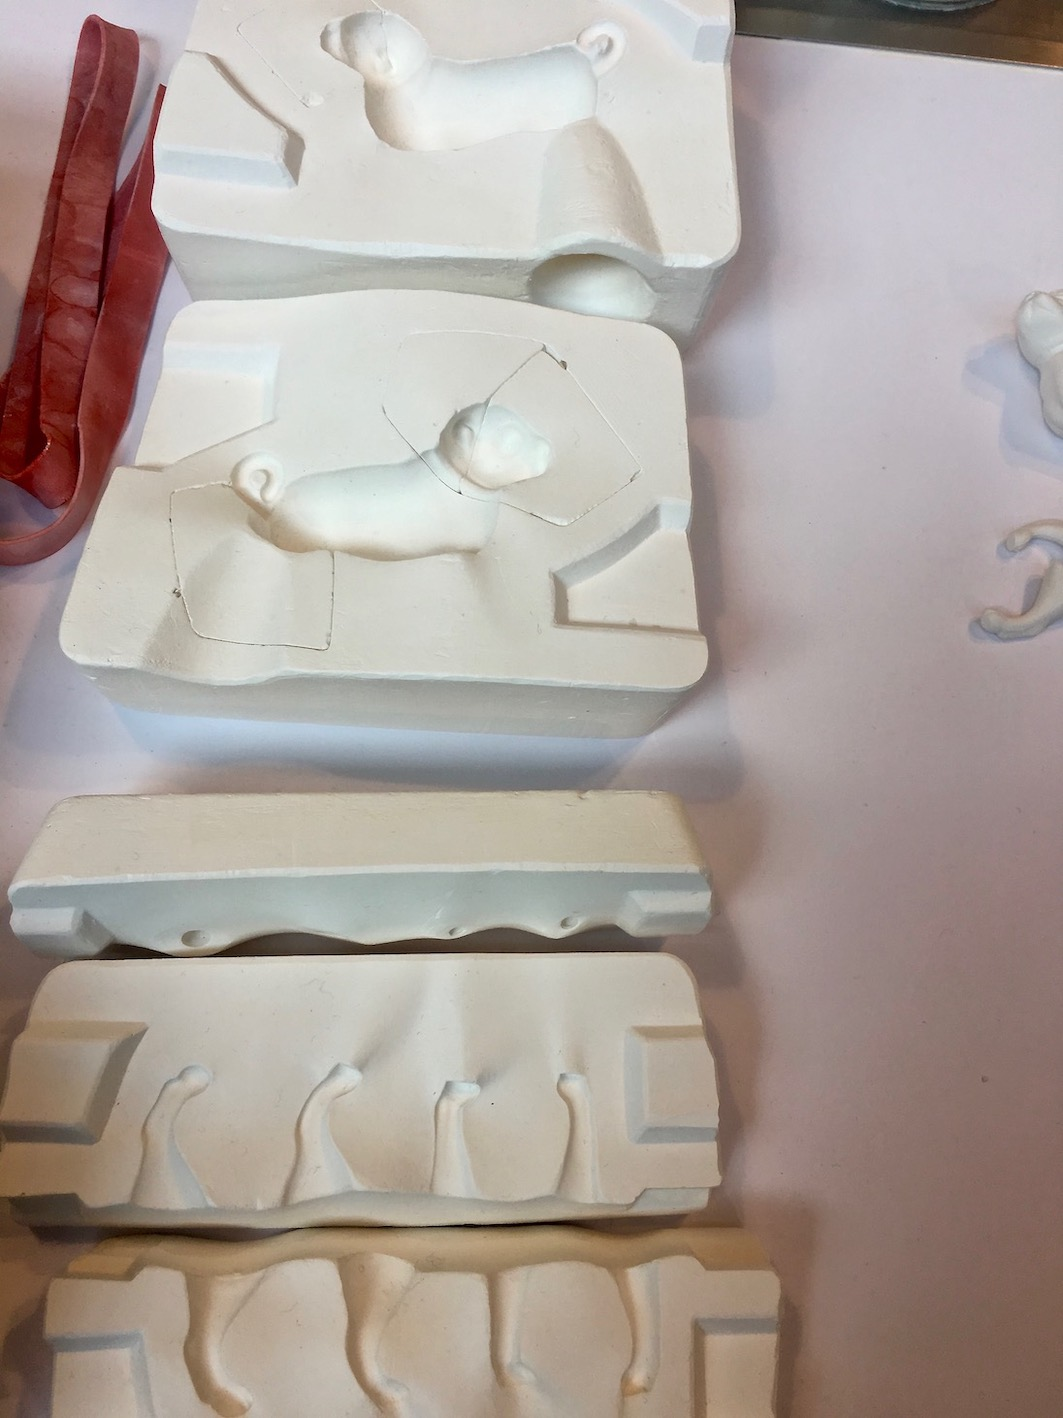 Fürstenberg-Porzellan-Manufaktur  Deutschland Herstellung der Gussform Mopsfigur